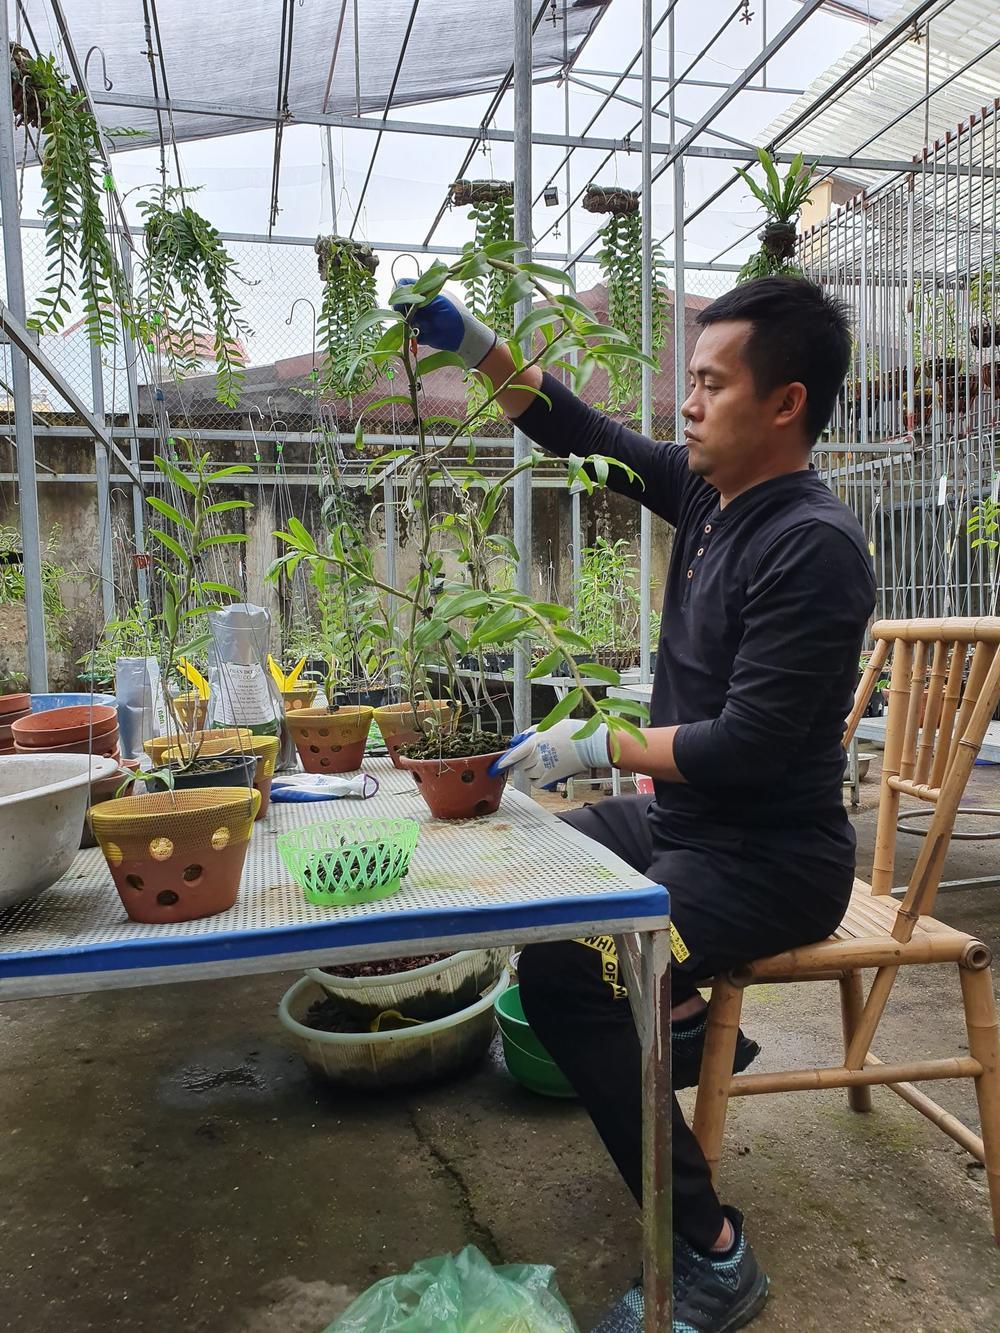 Ông chủ vườn lan Dương Xuân Tú thành công nhờ đam mê từ nhỏ Ảnh 4